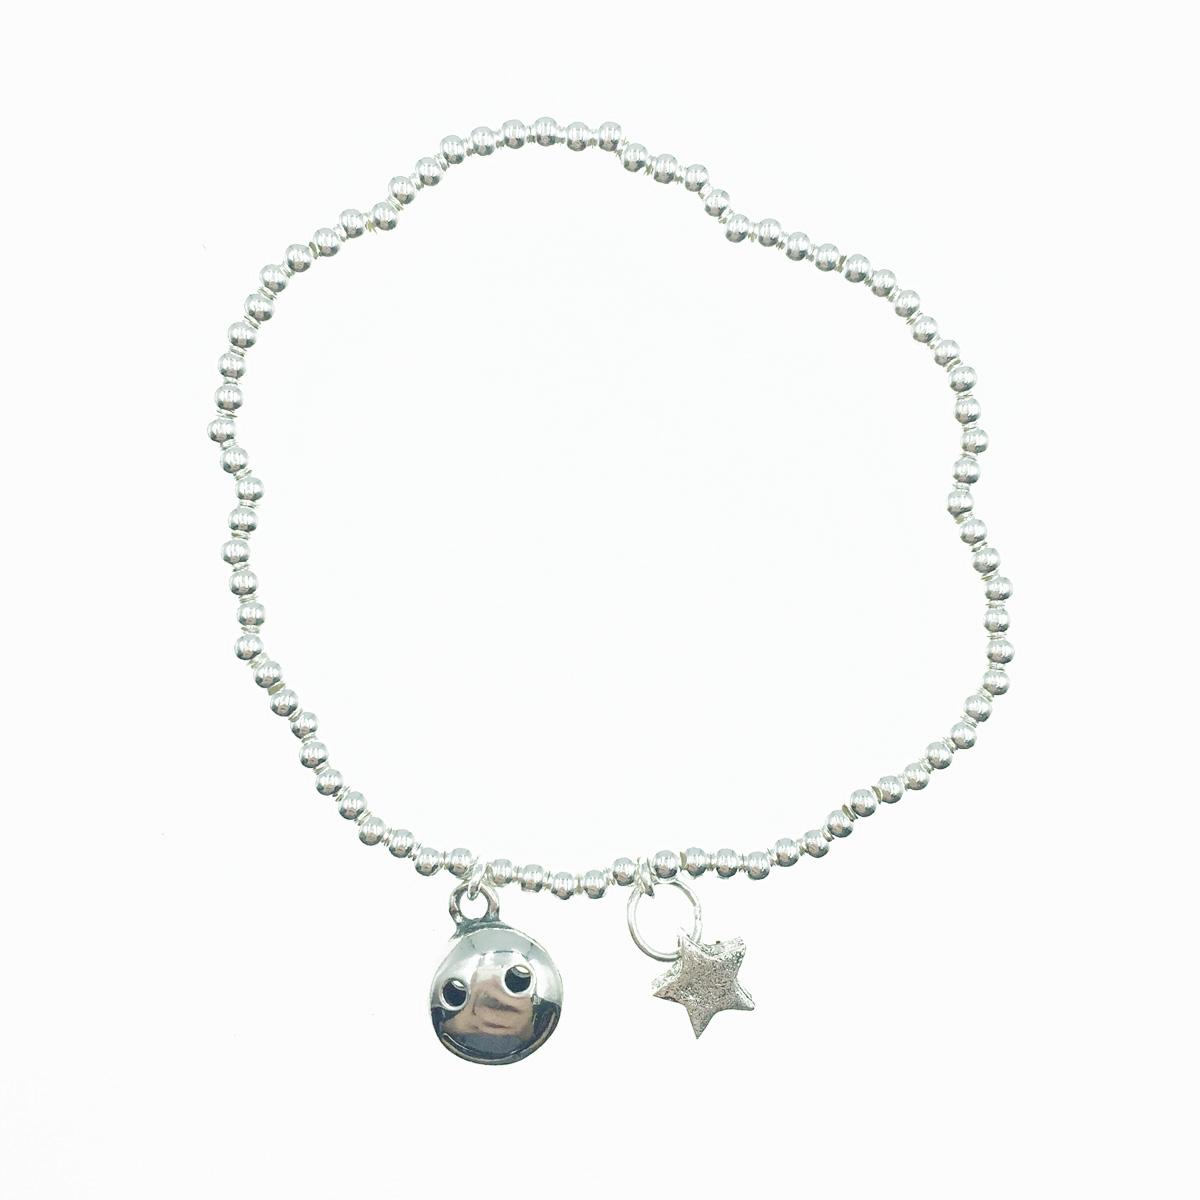 韓國 925純銀 可愛笑臉 微笑 星星 金屬風 手飾 手鍊